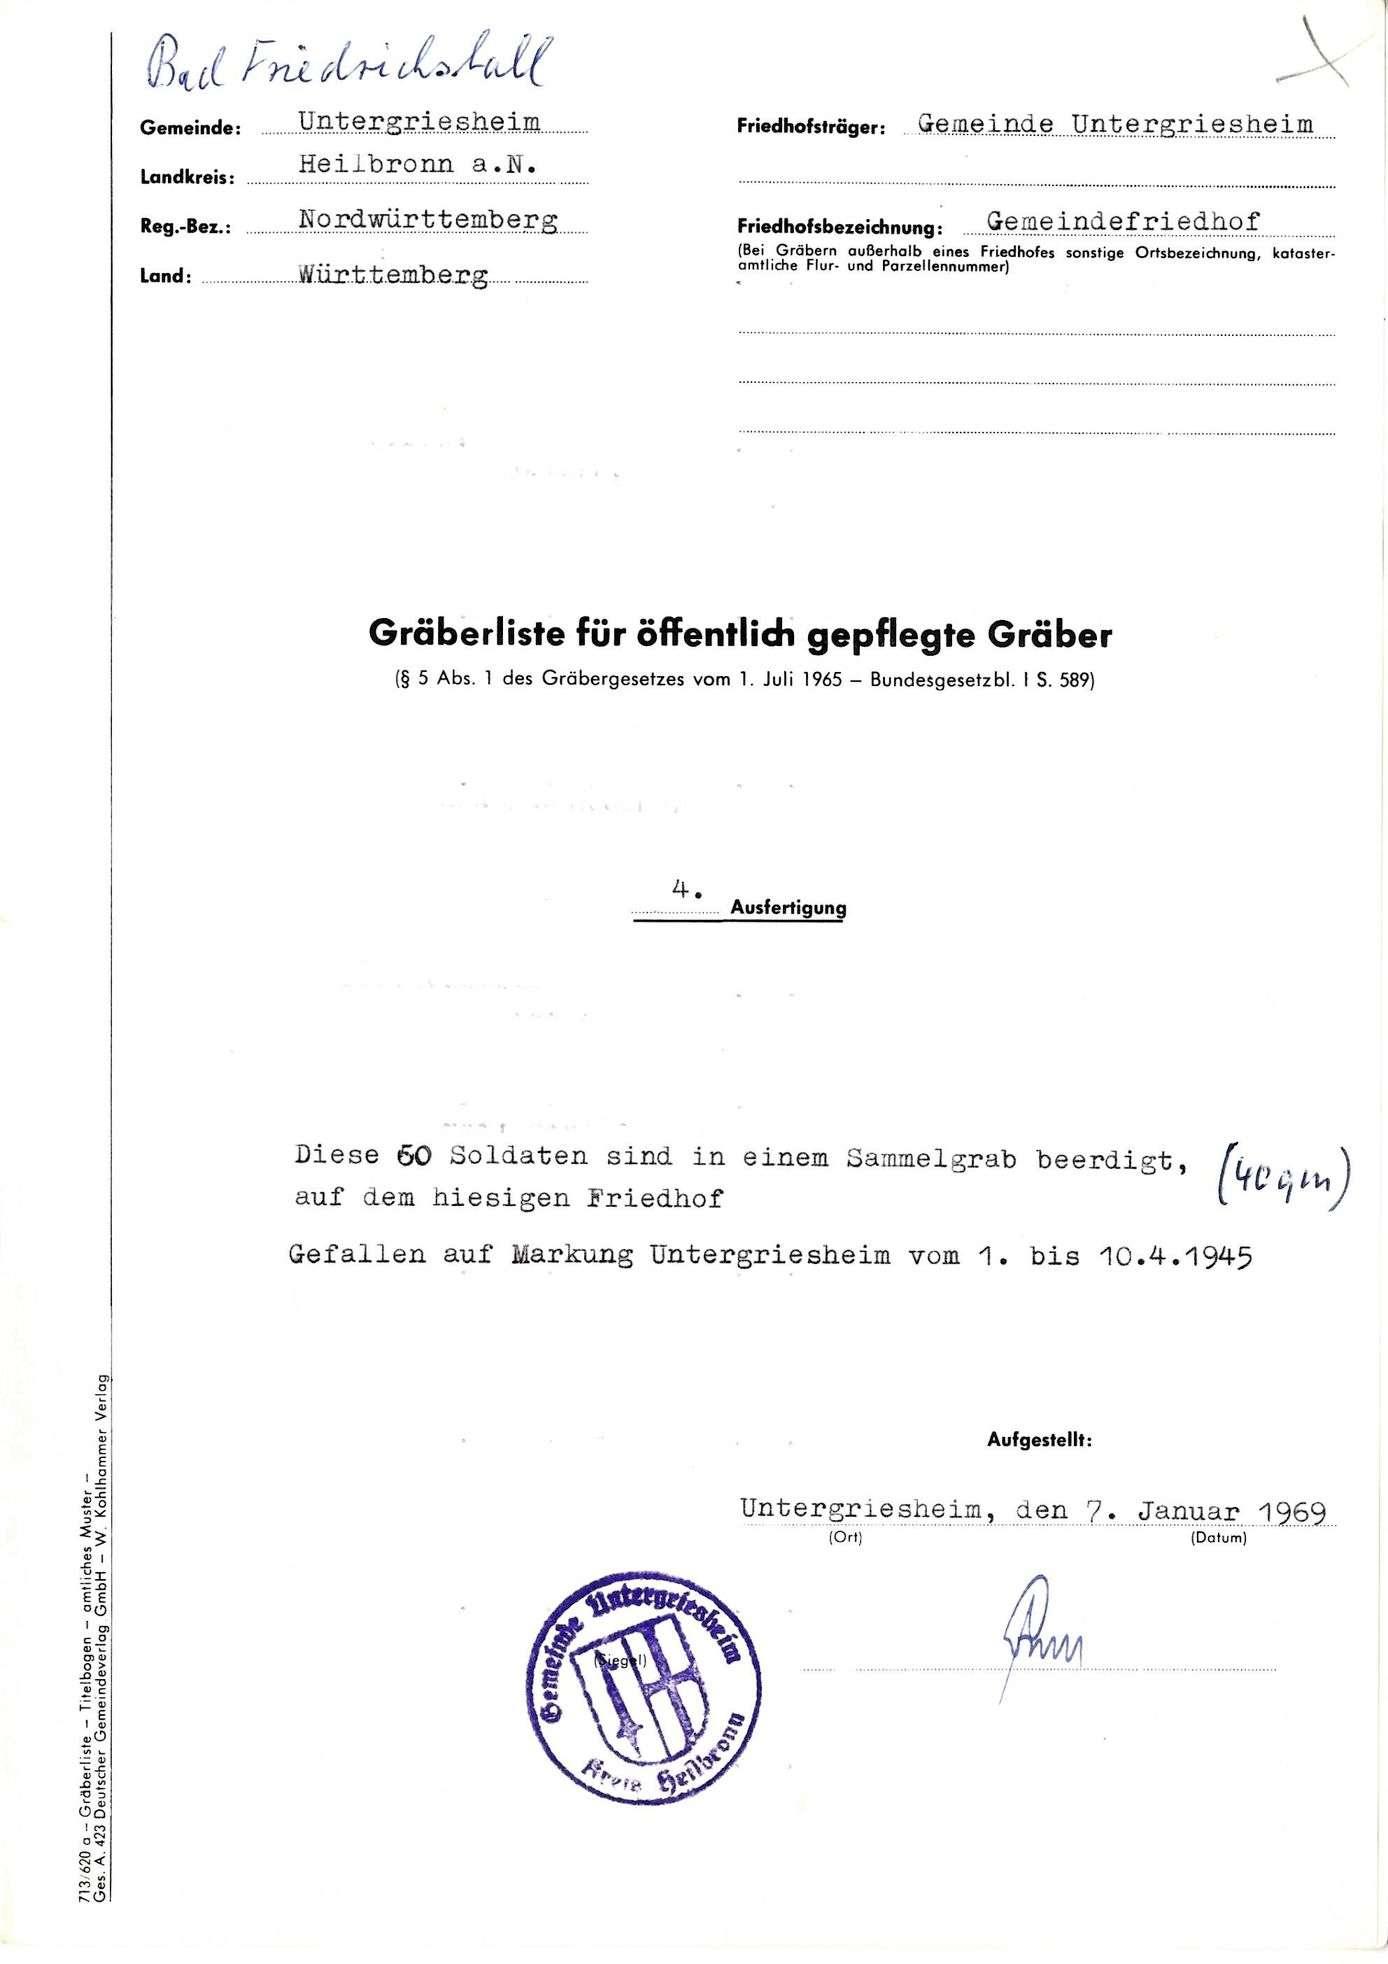 Untergriesheim, Bild 1